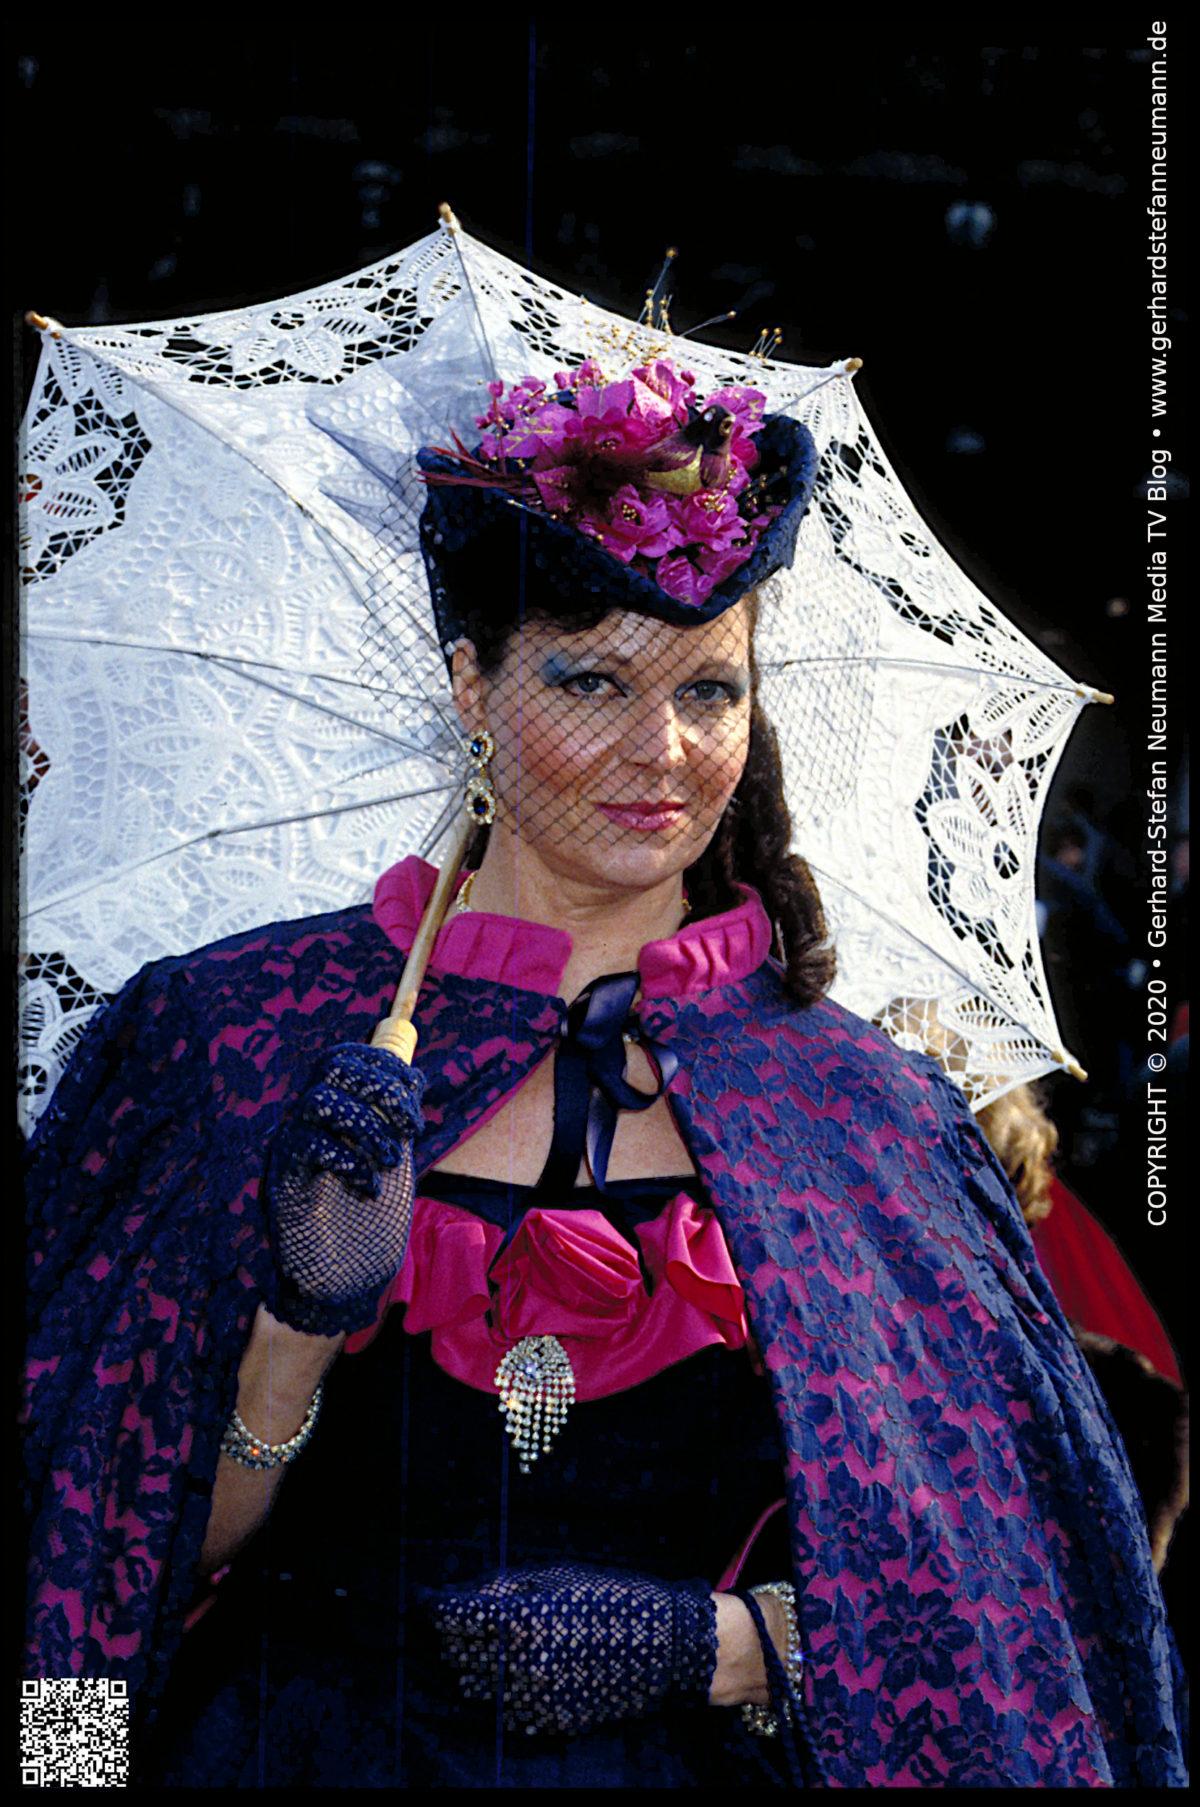 Carnevale di Venezia ► erotisch und exotisch, geheimnisvoll und melancholisch, ein Fest der Sinne ► von Gerhard-Stefan Neumann ►